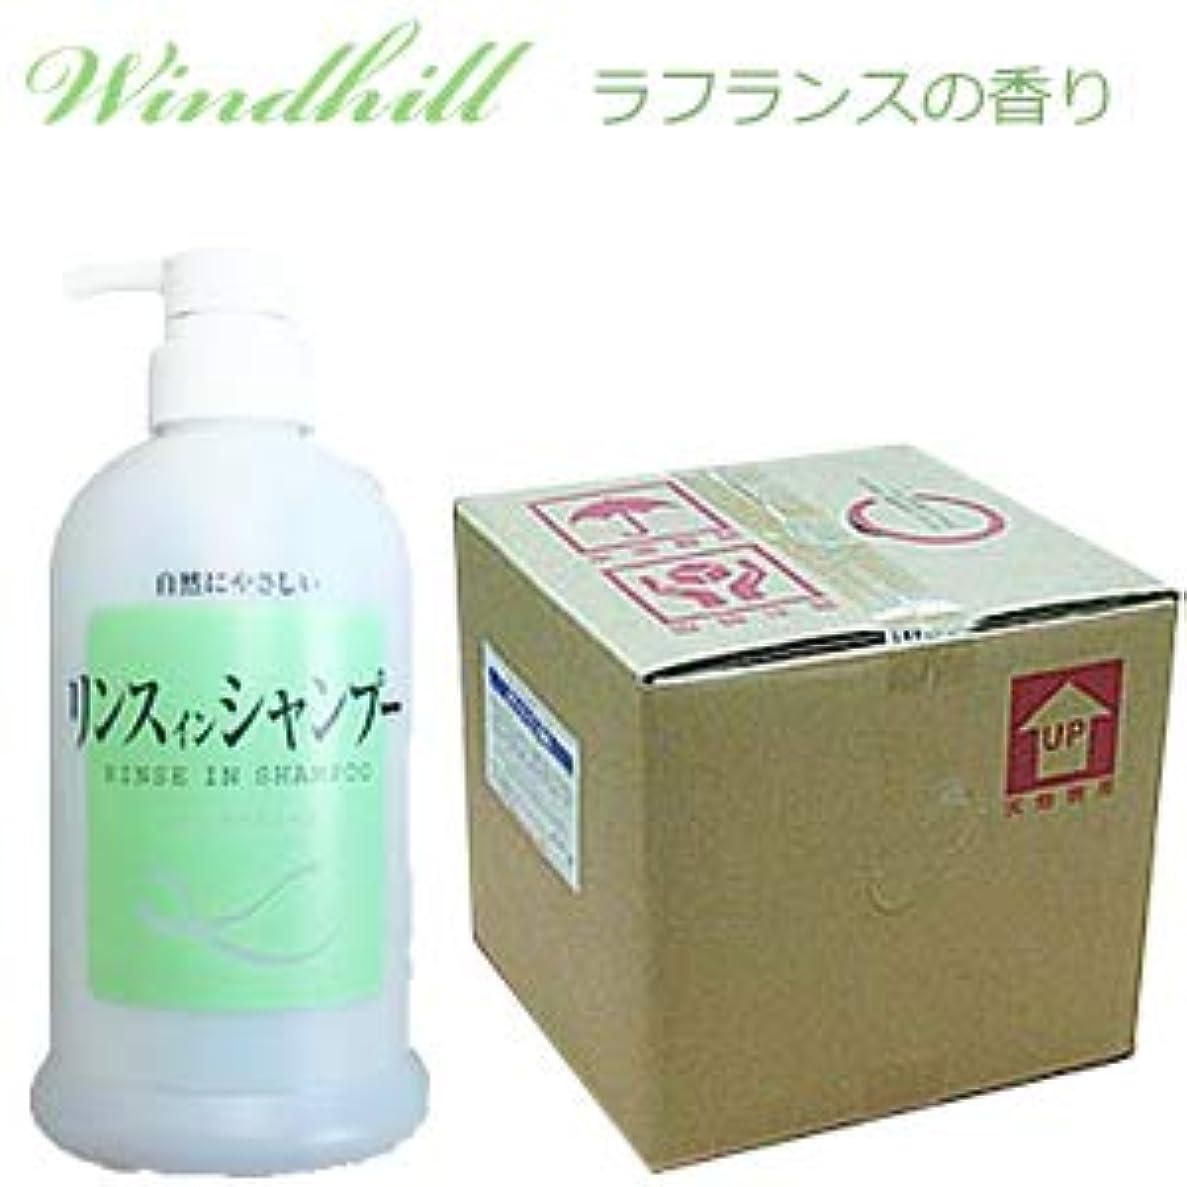 マキシム衛星オゾン500ml当り173円 Windhill 植物性 業務用 リンスイン シャンプー 爽やかなラフランスの香り 20L